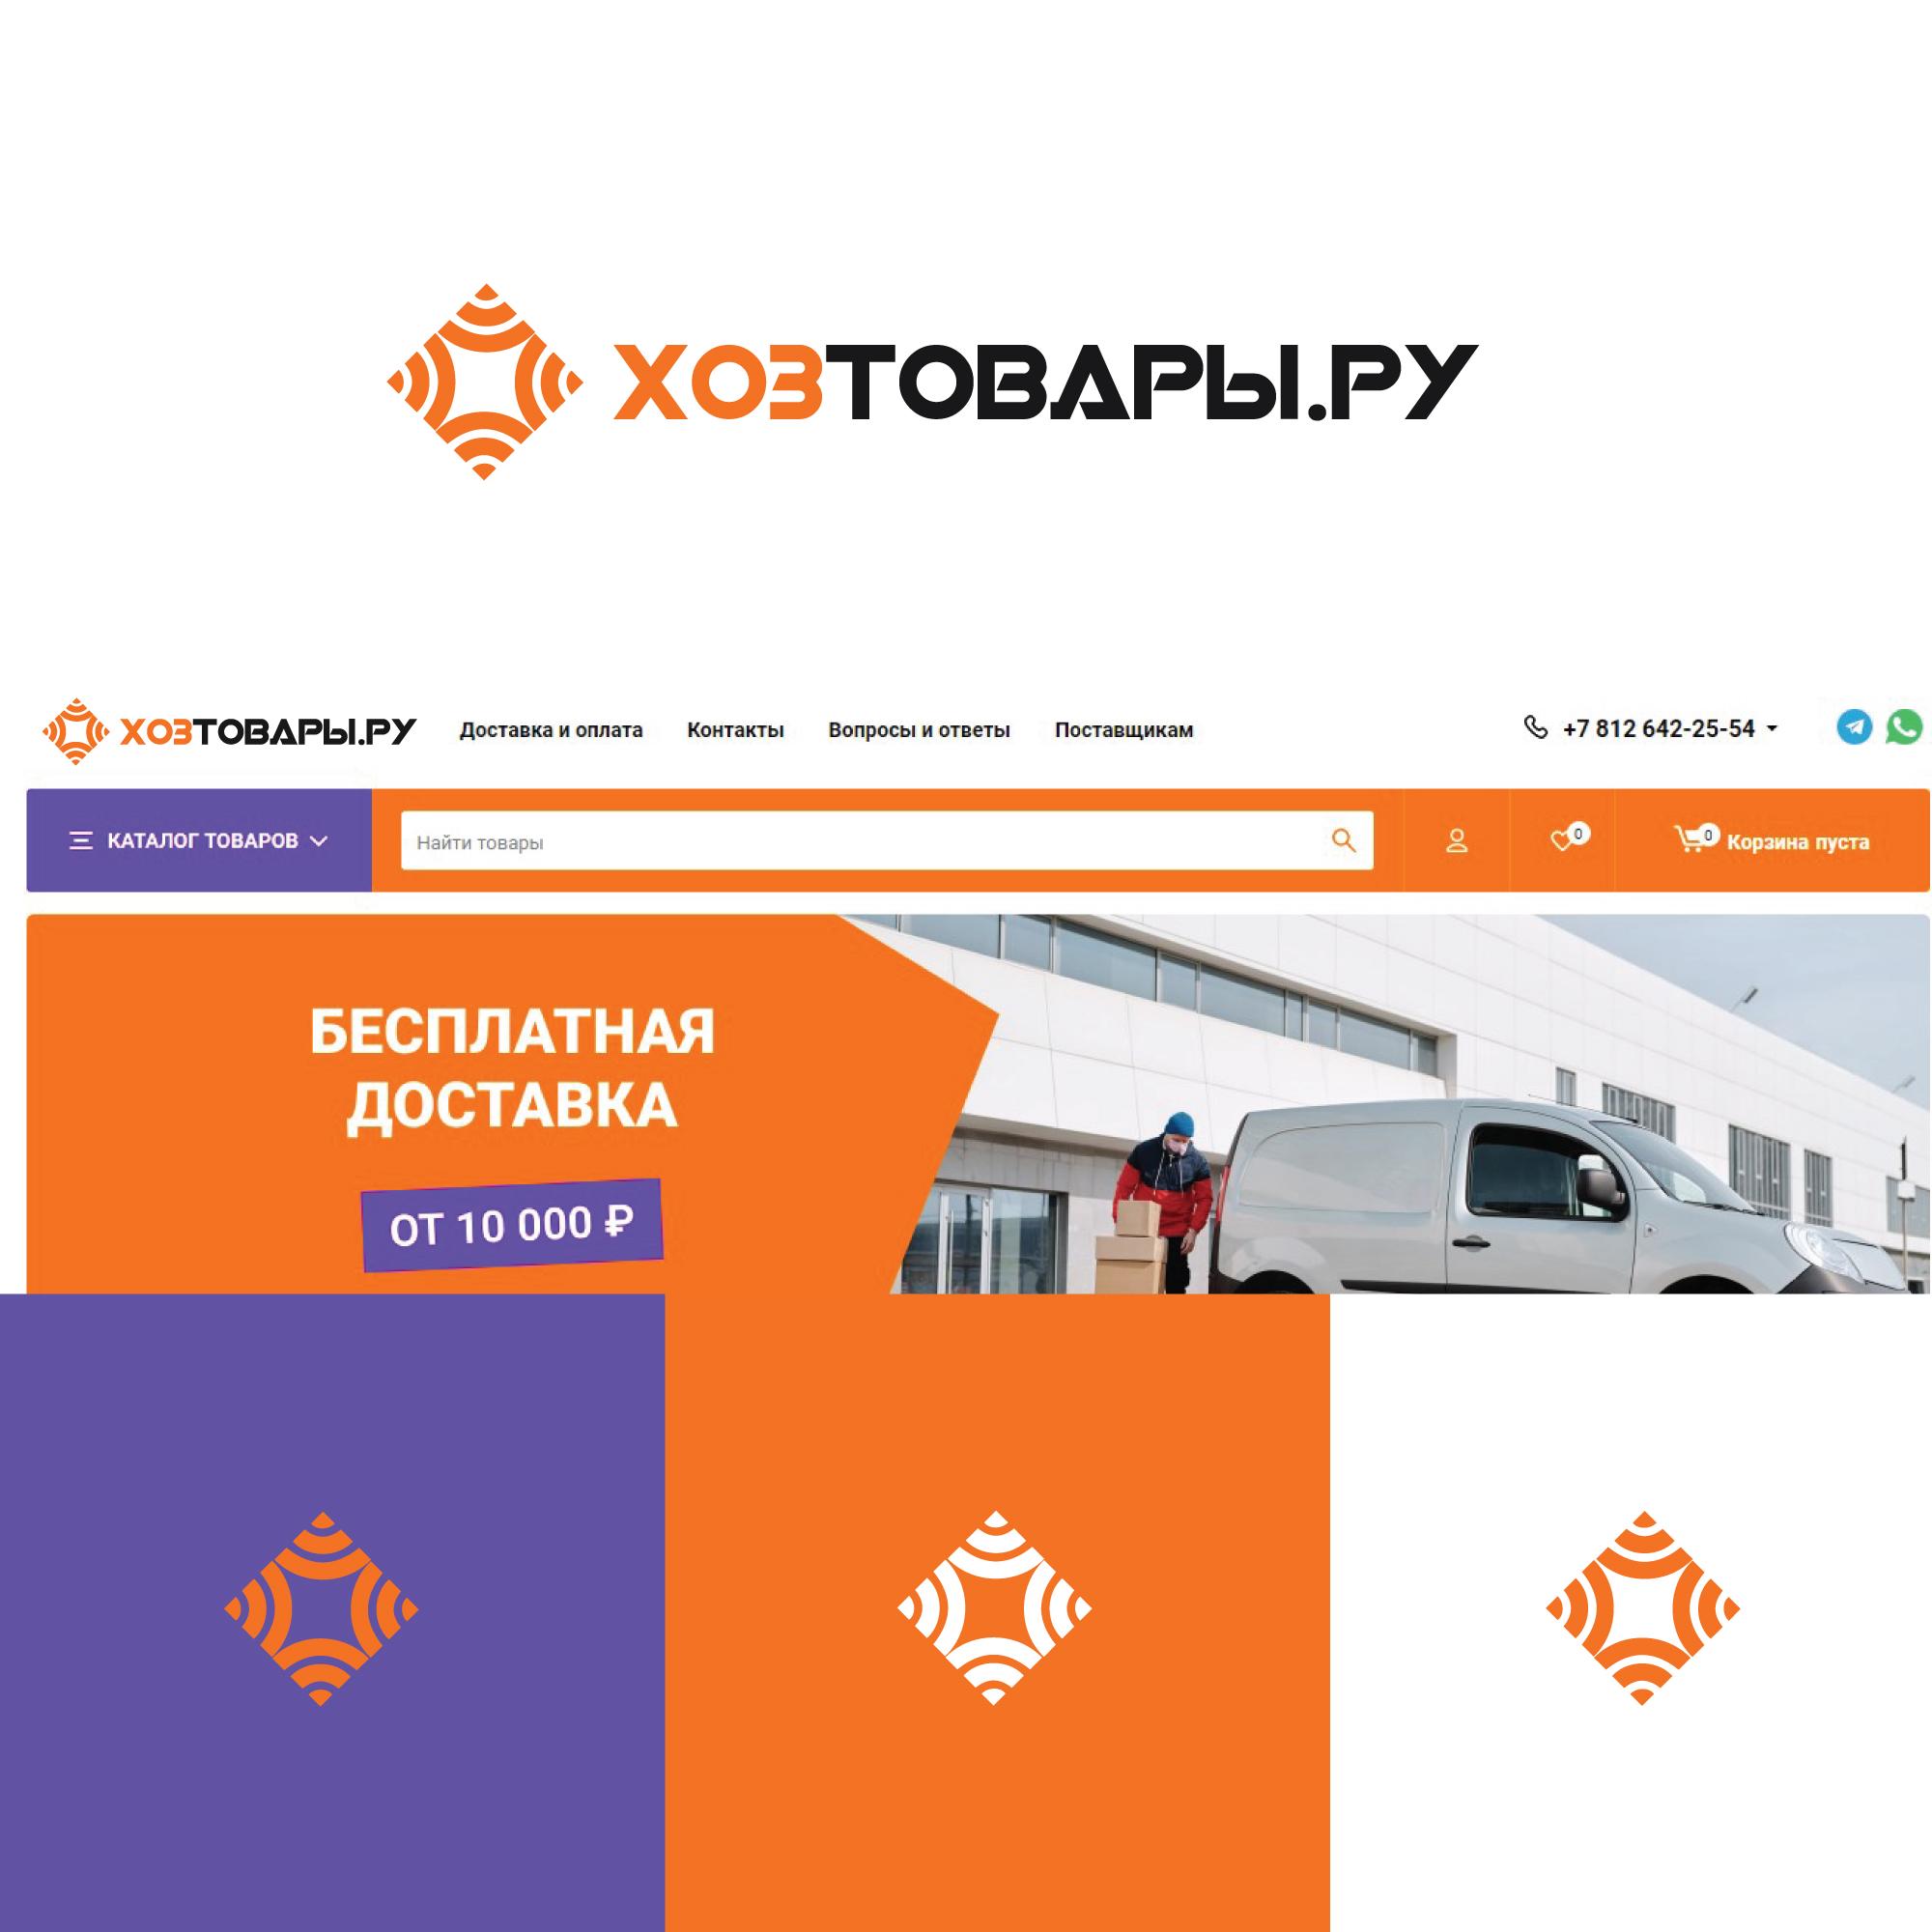 Разработка логотипа для оптового интернет-магазина «Хозтовары.ру» фото f_589608a62a5ee395.jpg